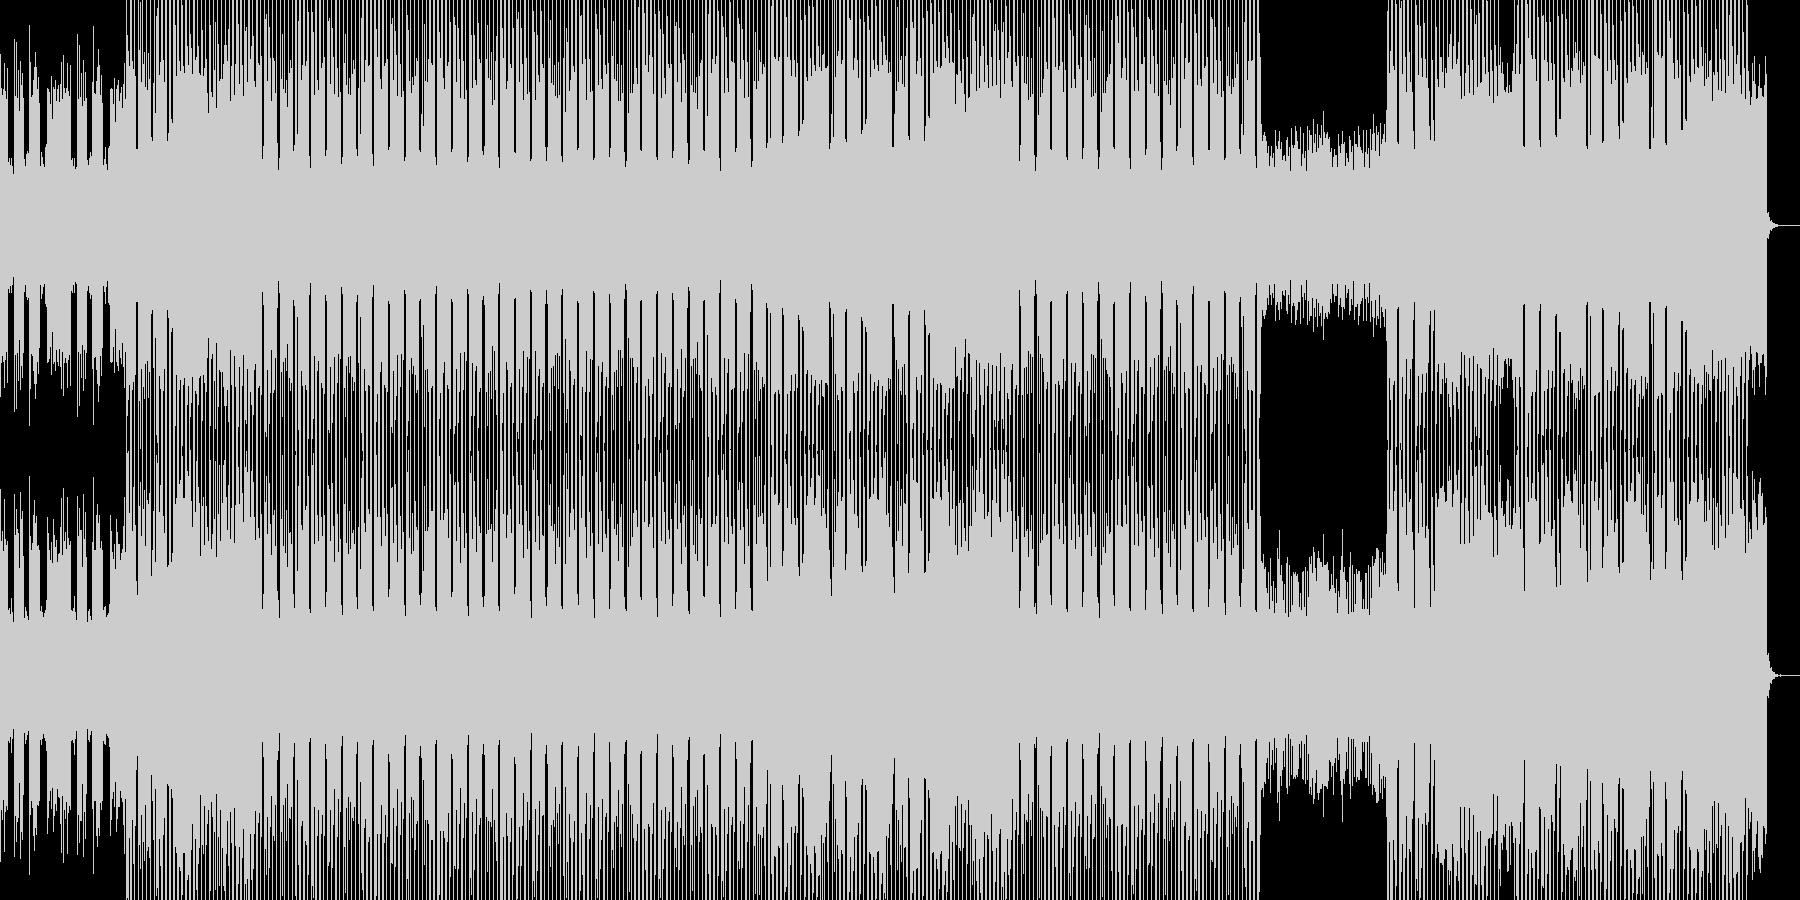 ギターフレーズが特徴的なダンスナンバーの未再生の波形